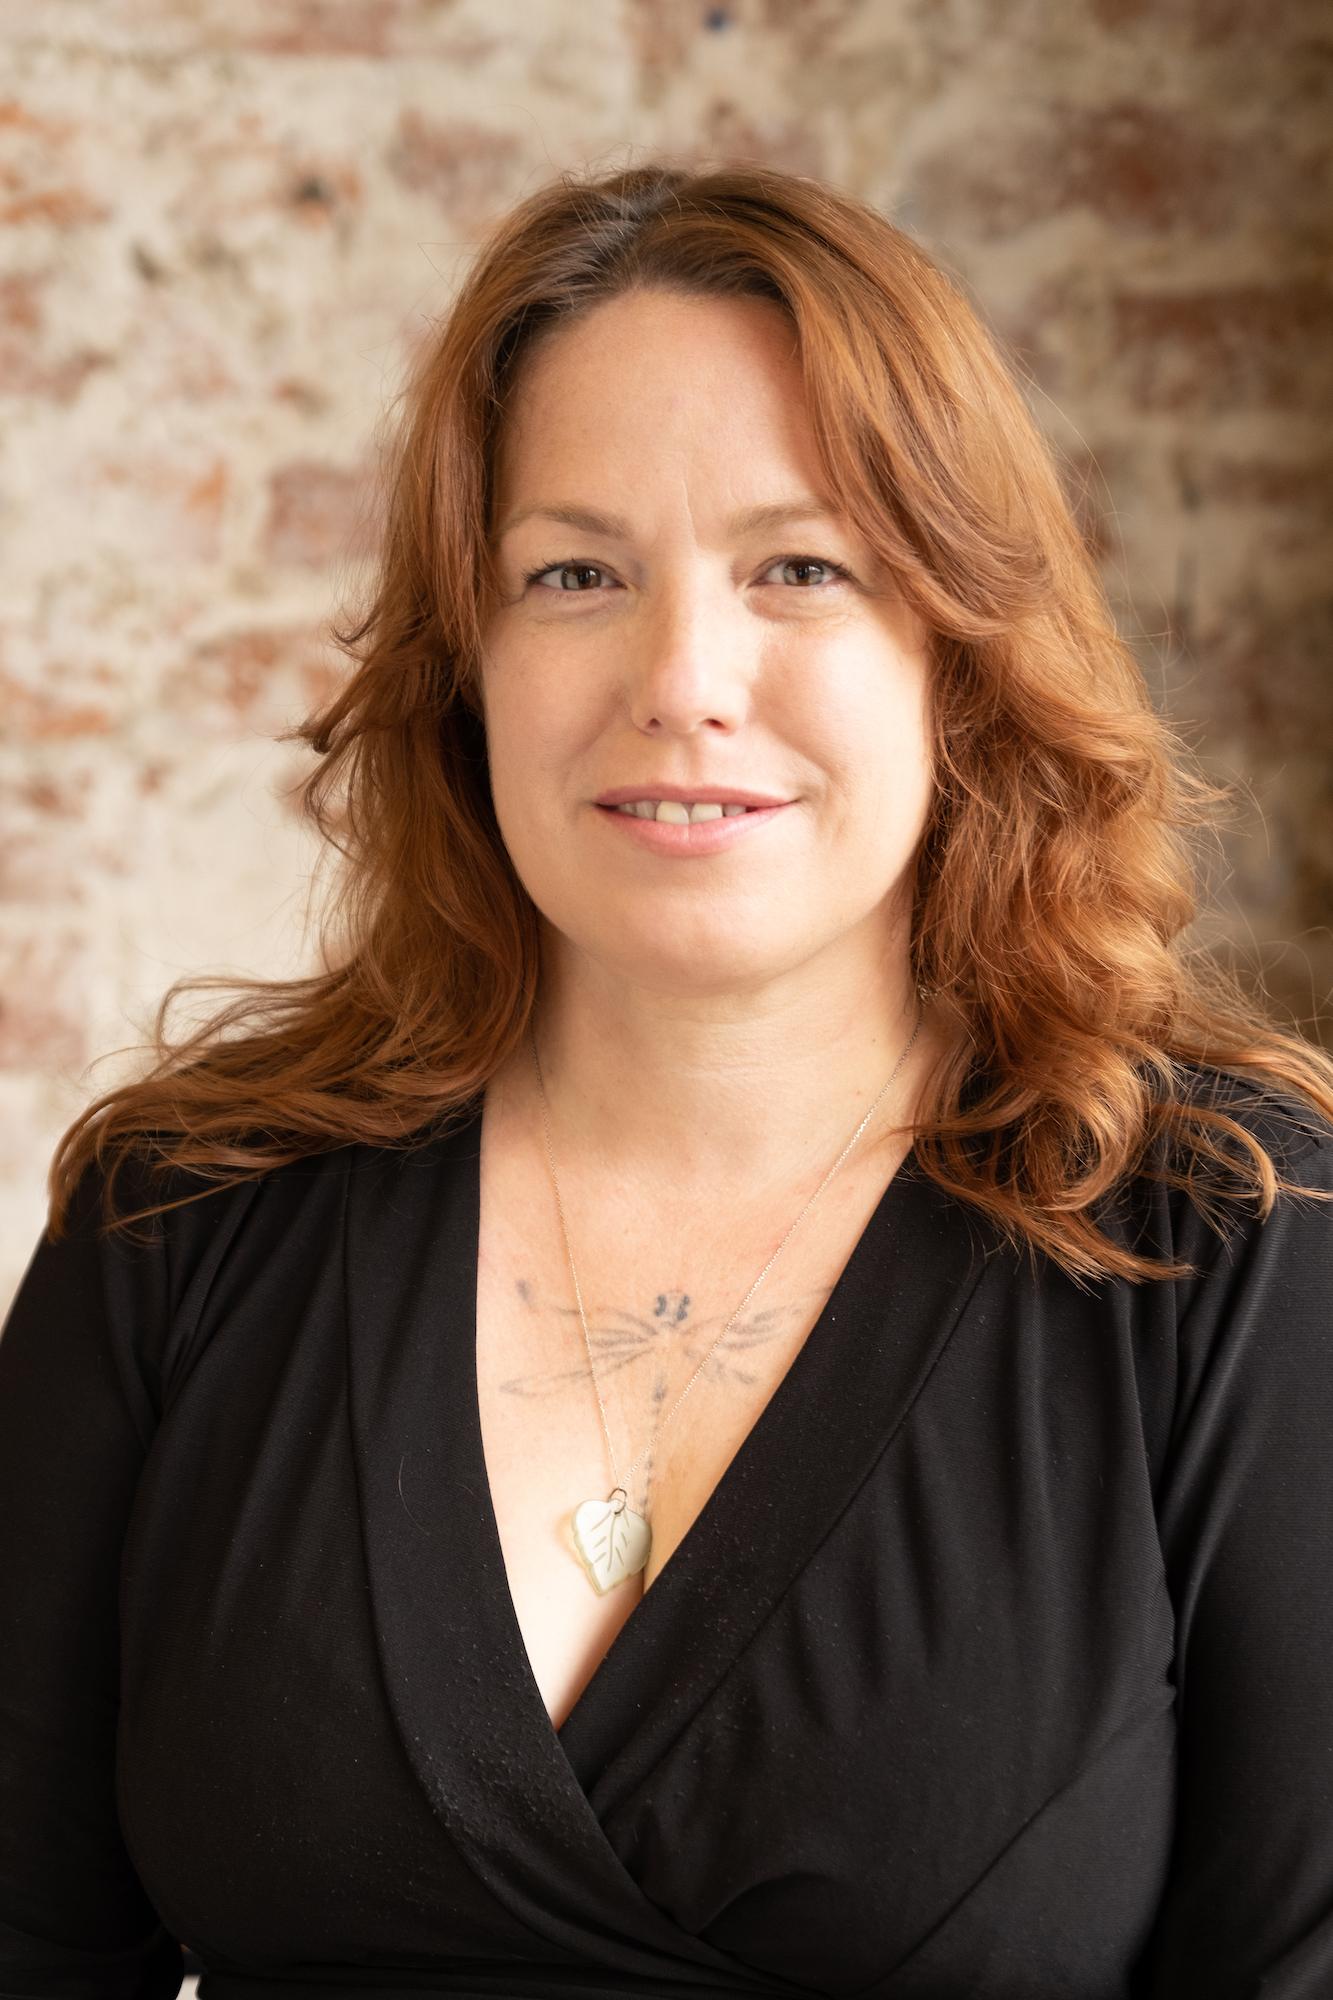 Melanie Kemp